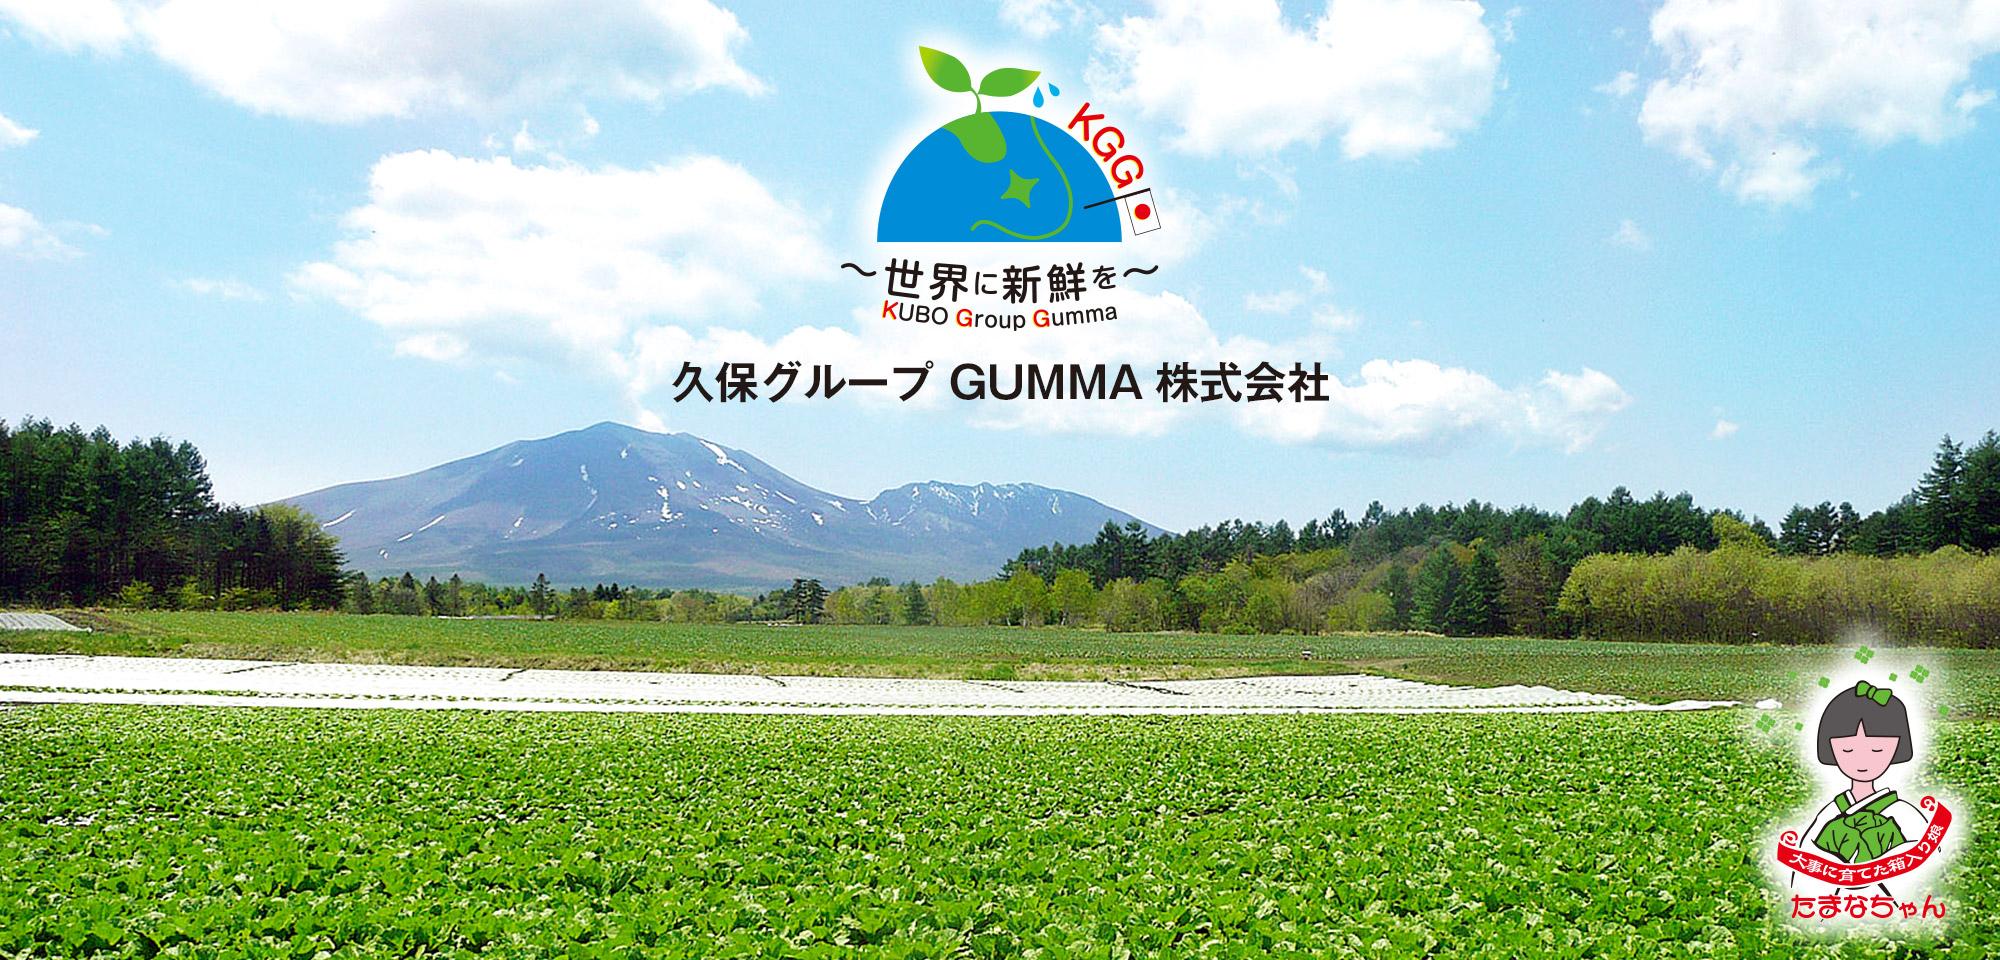 久保グループGUMMA株式会社